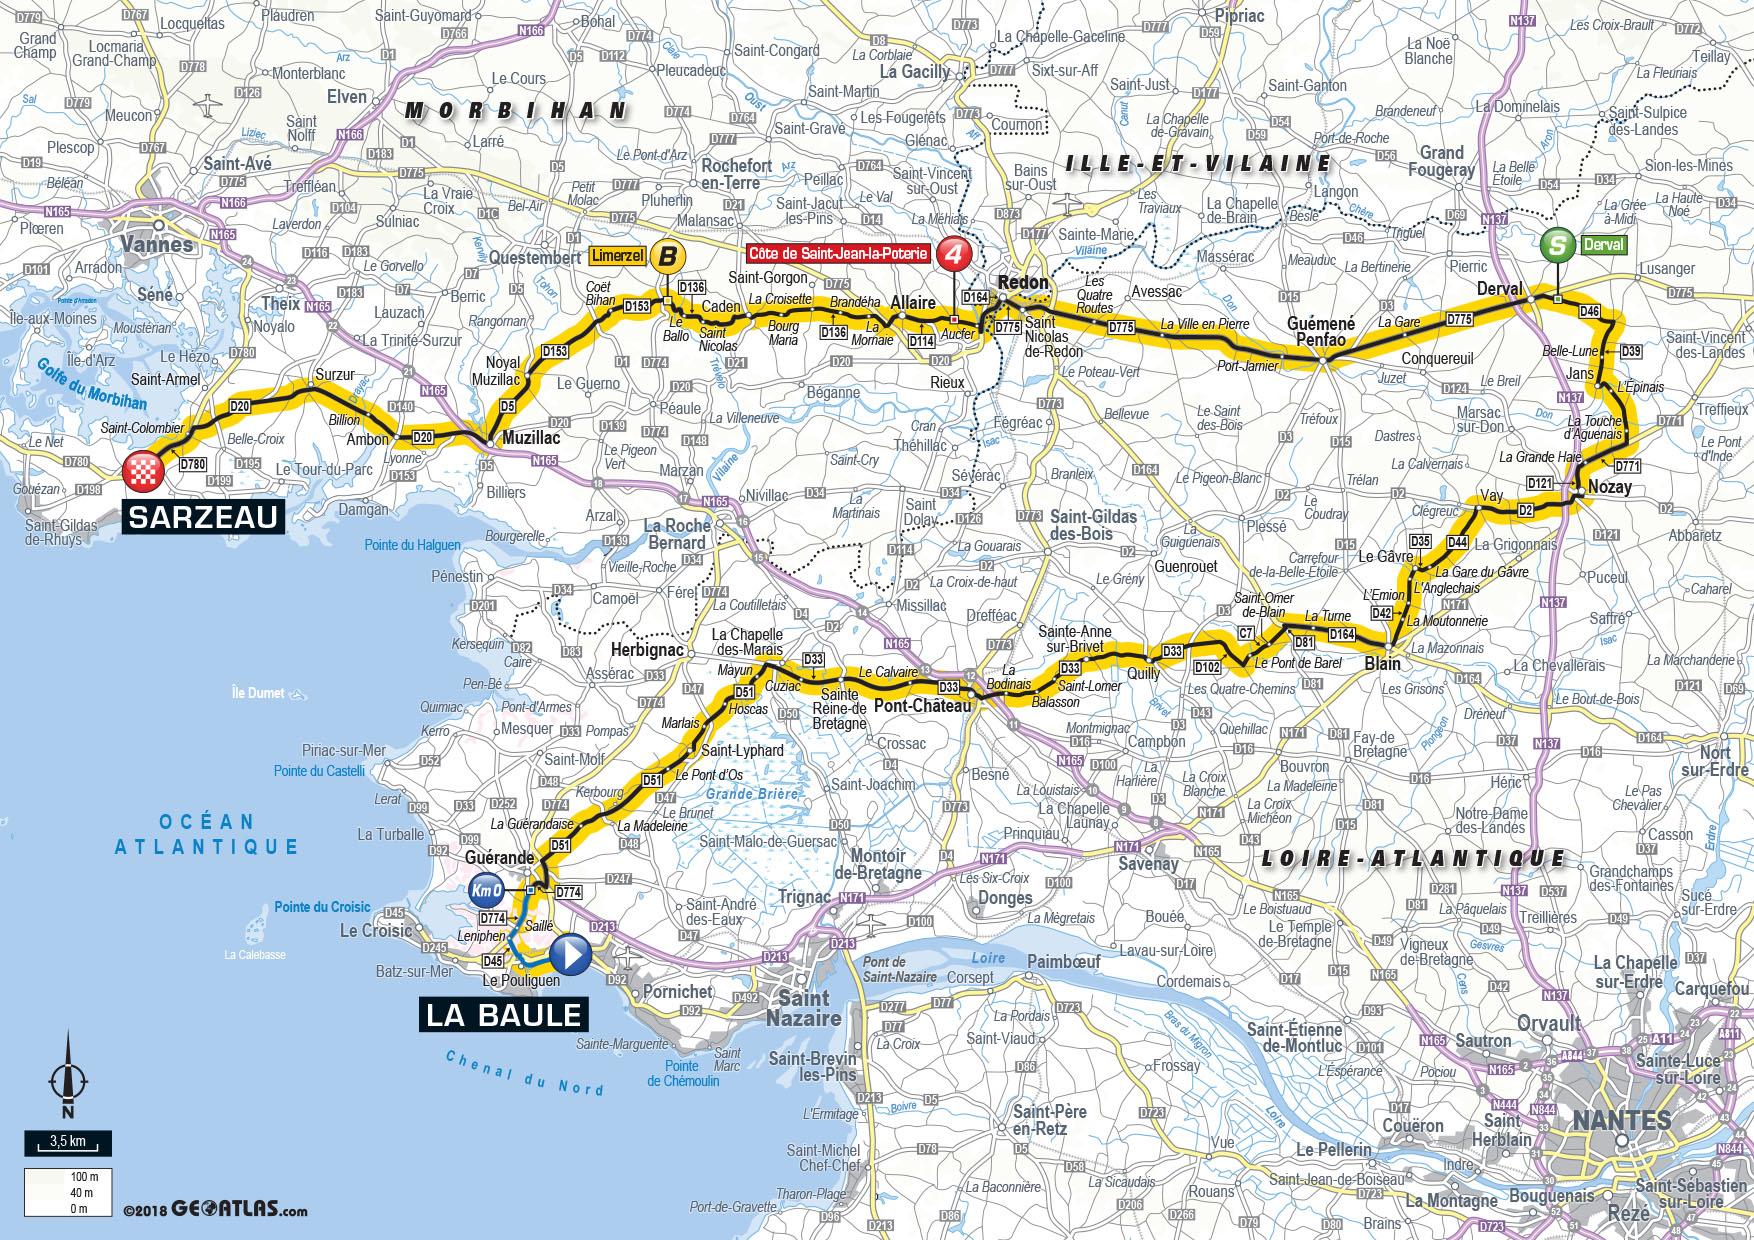 Tour De France 2018 Découvrez Les Cartes Et Profils Des 21 étapes